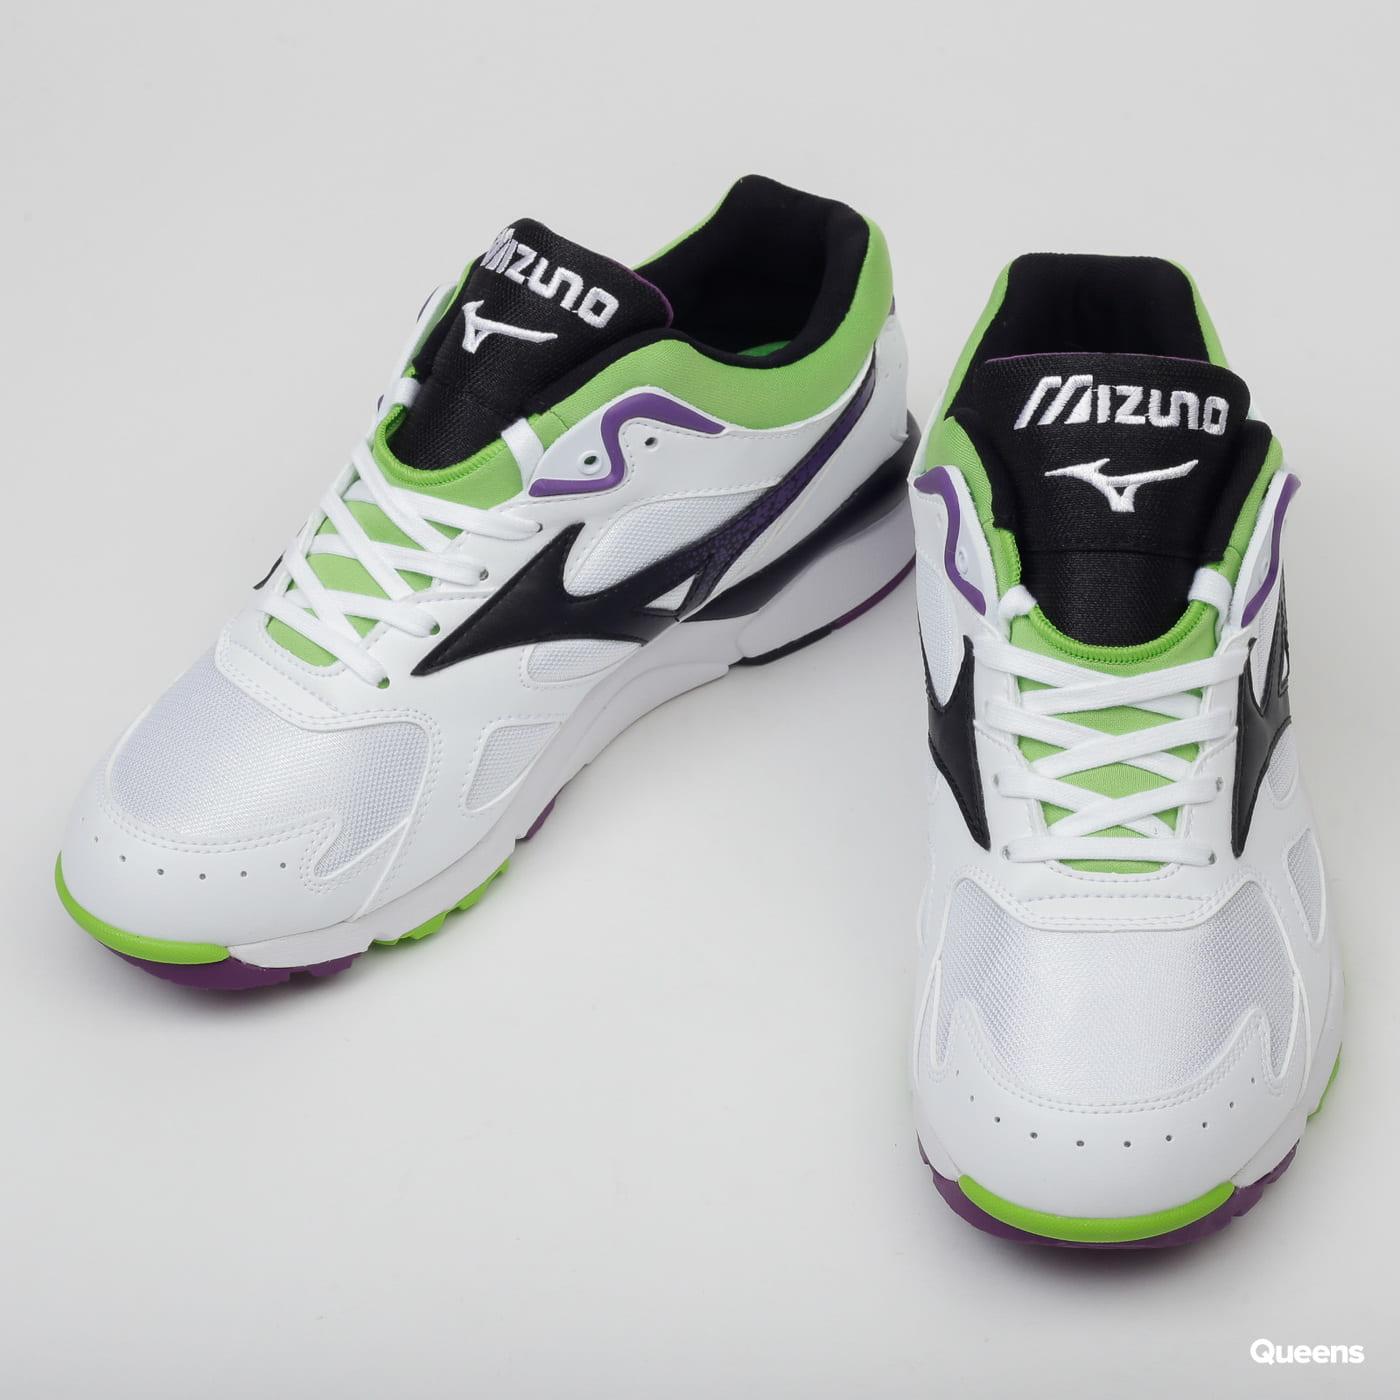 Mizuno Sky Medal white / black / jasmine green